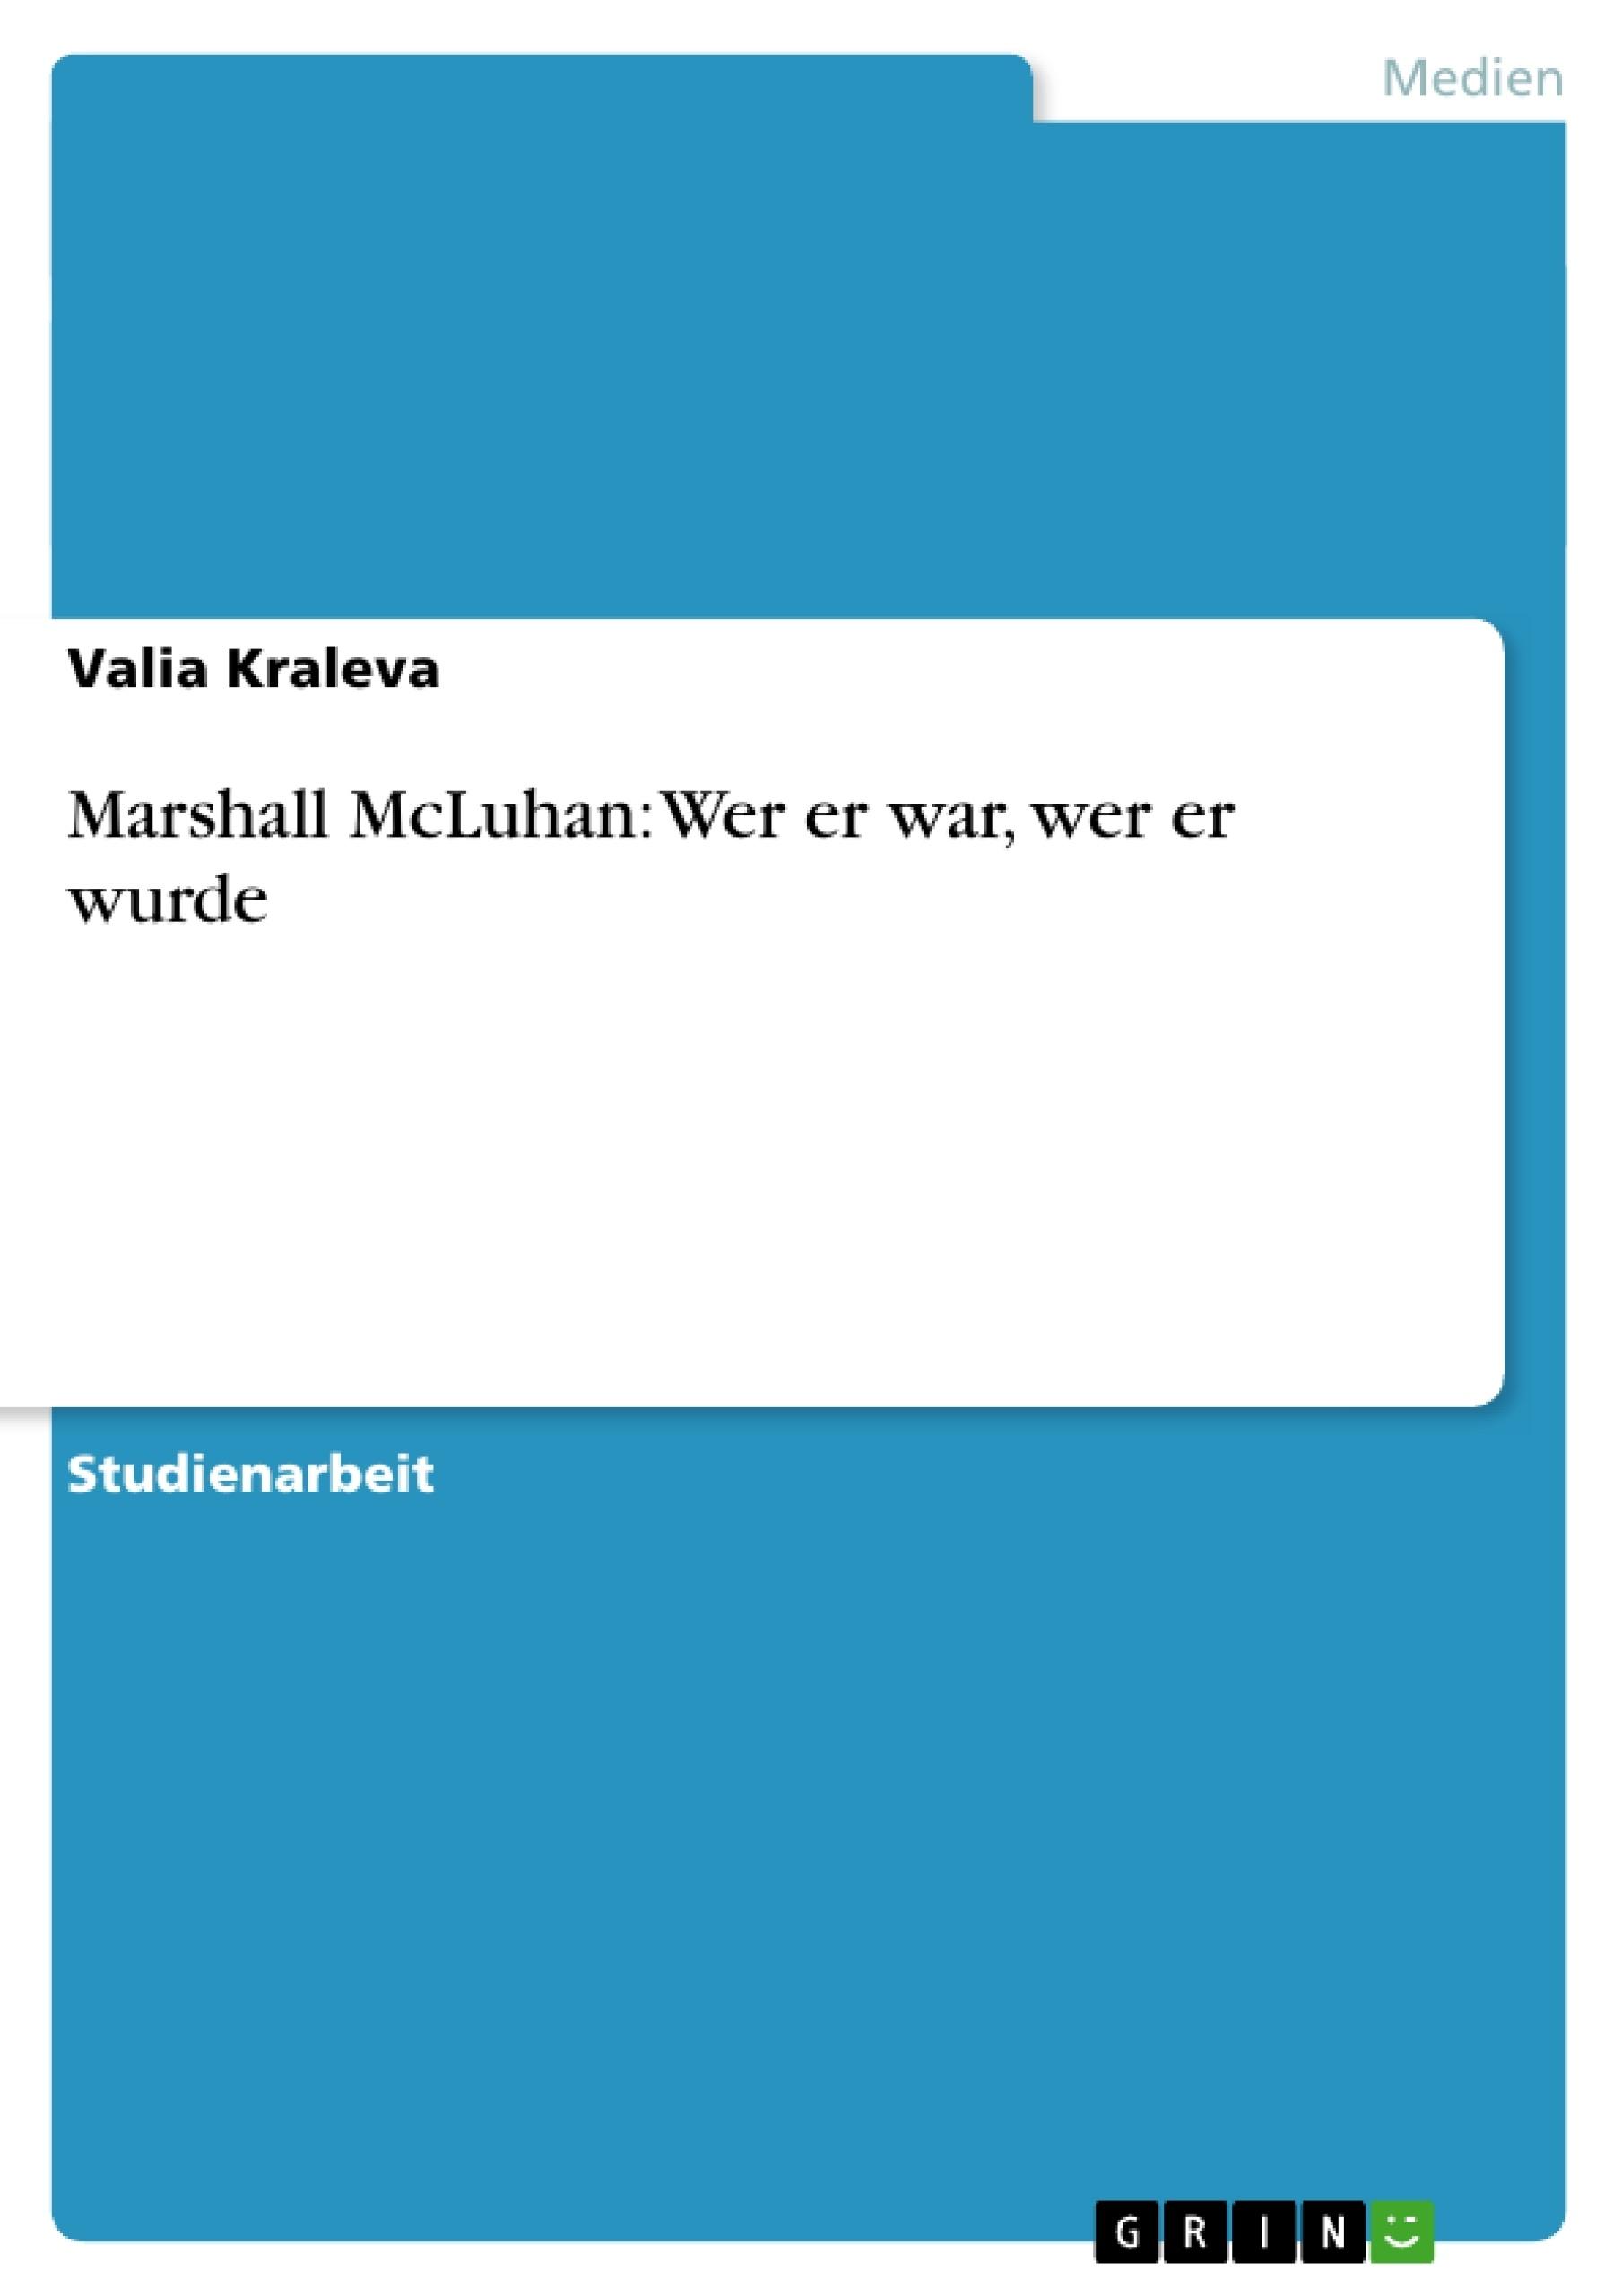 Titel: Marshall McLuhan: Wer er war, wer er wurde